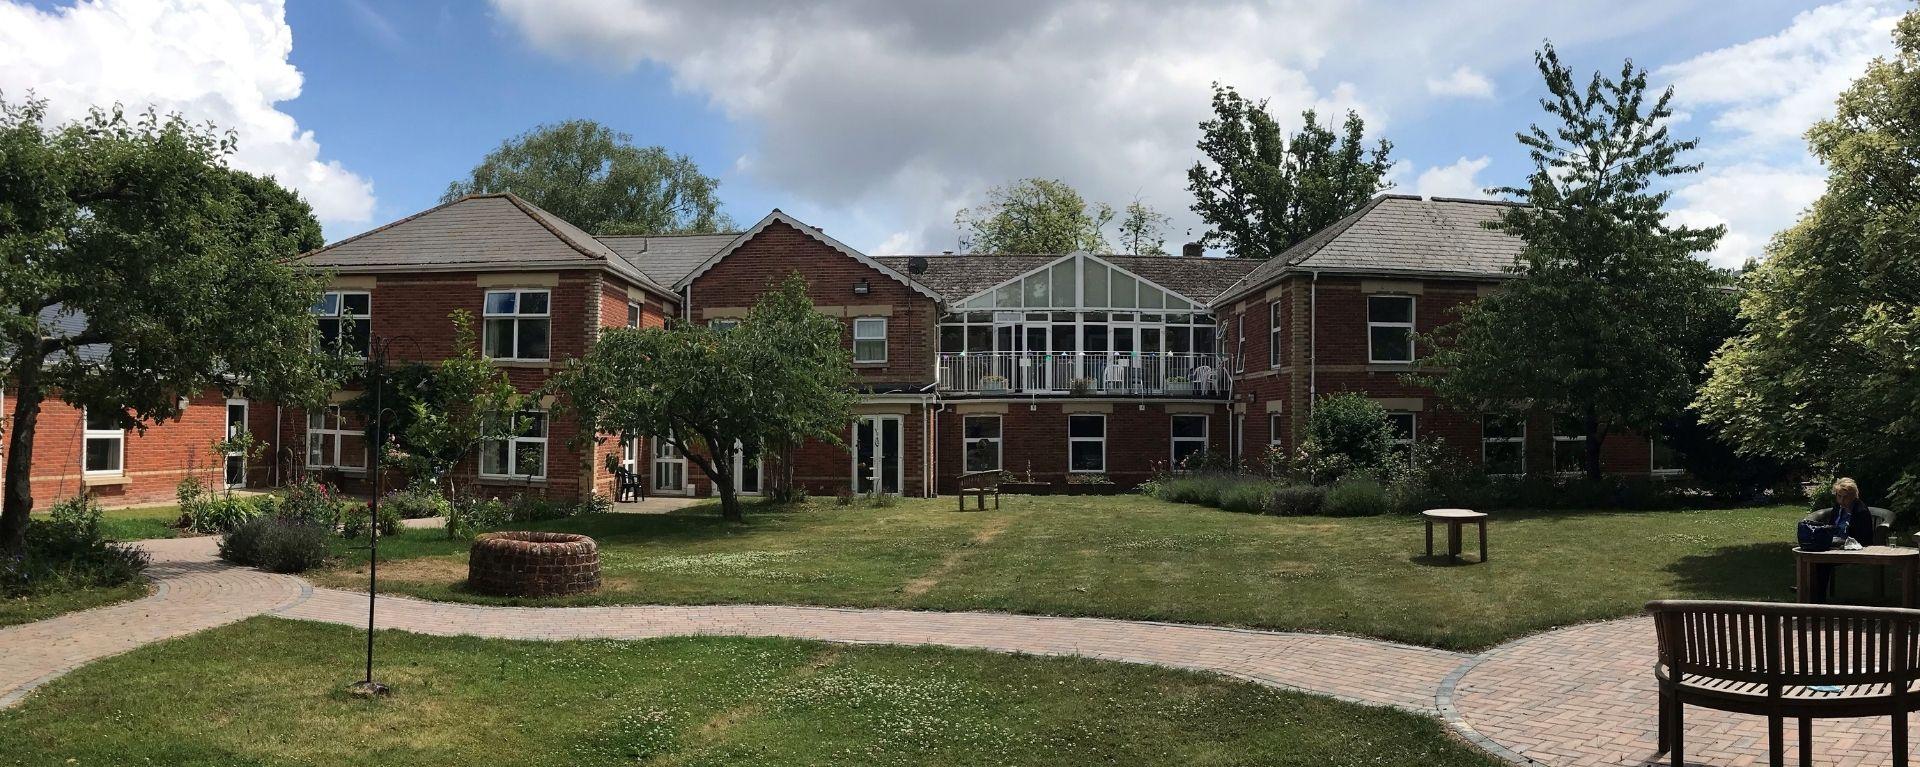 Back of Laurel Care home